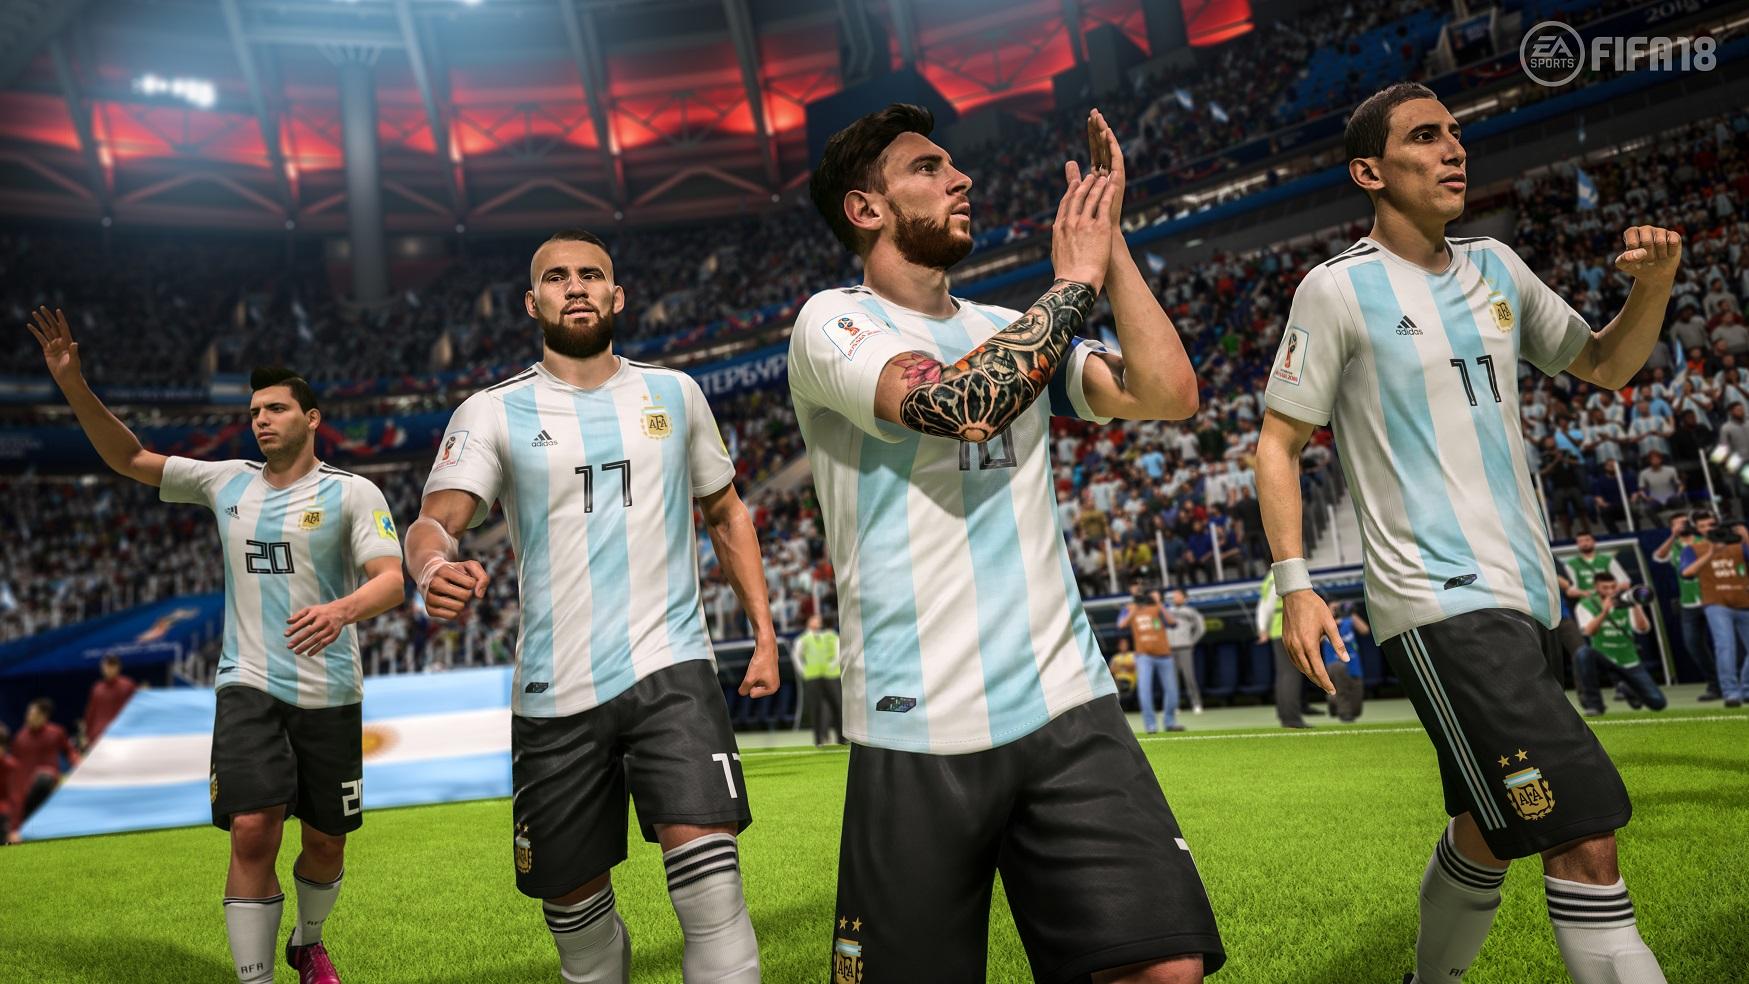 EA etterforskes på grunn av digitale skattkister.